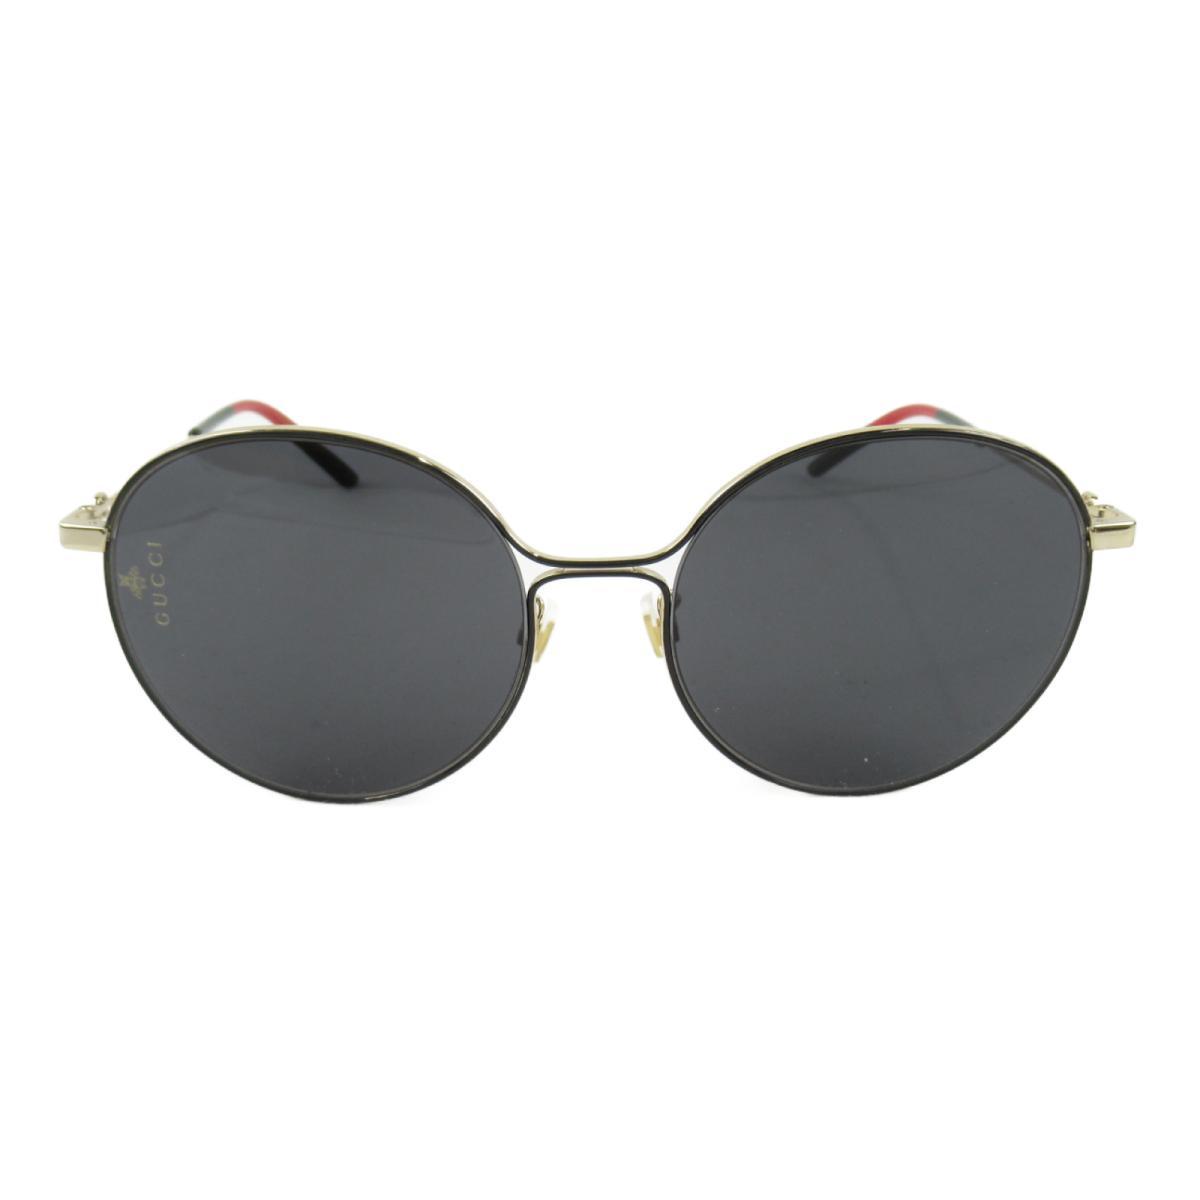 グッチ サングラス メンズ レディース レンズ・フレーム:プラスチック/テンプル:ニッケル合金 ブラック x ゴールド (0395SK 1 56ロ19-145) | GUCCI BRANDOFF ブランドオフ ブランド ブランド雑貨 小物 雑貨 眼鏡 メガネ めがね